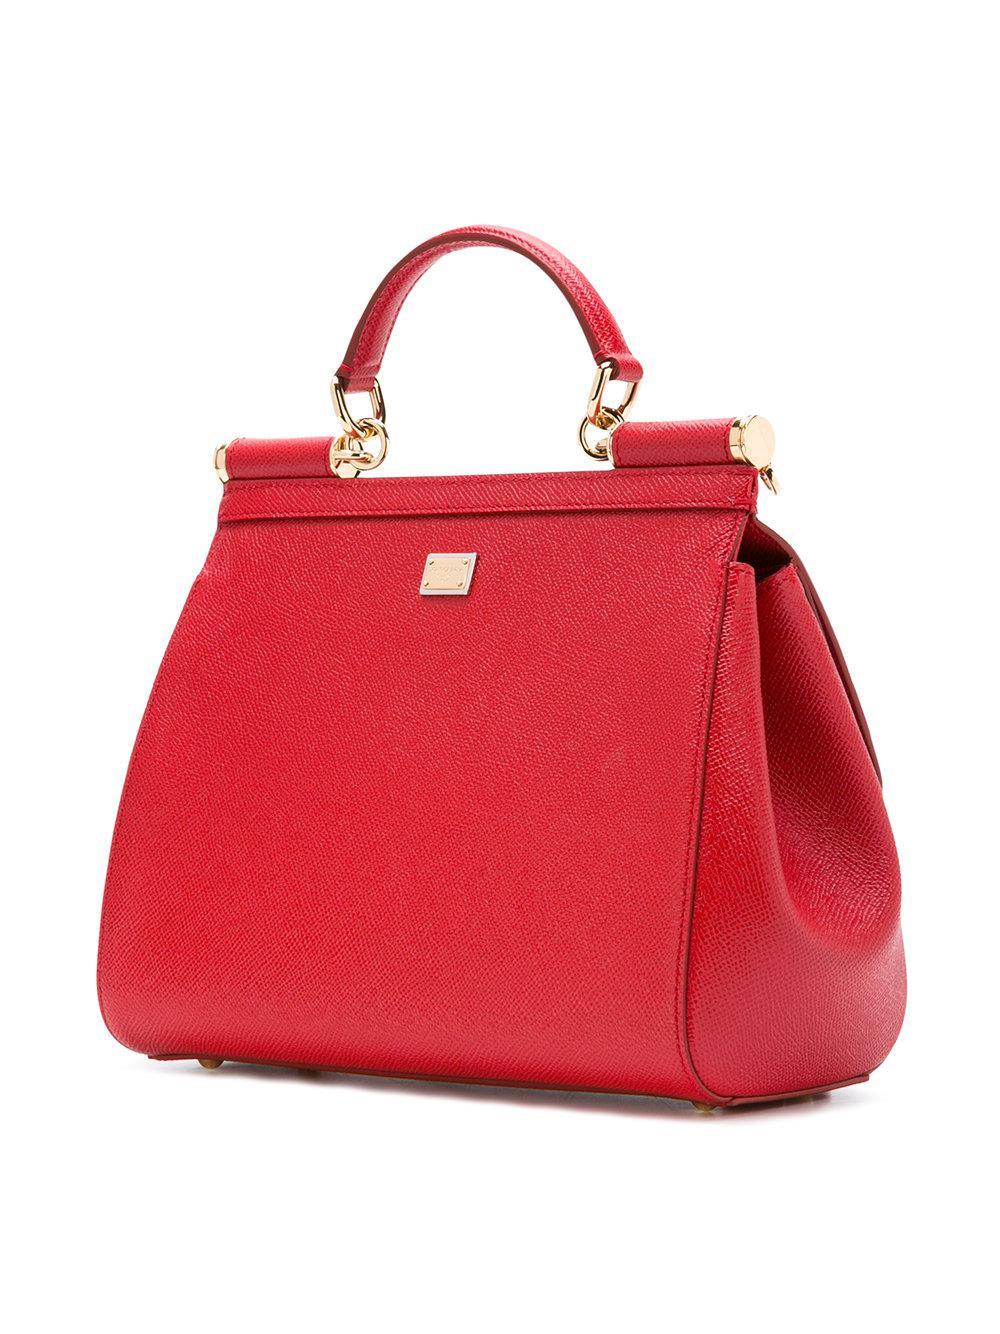 Dolce & Gabbana Famille Fourre-tout Sicile Dg - Rouge Acheter Pas Cher Officiel jaoKy